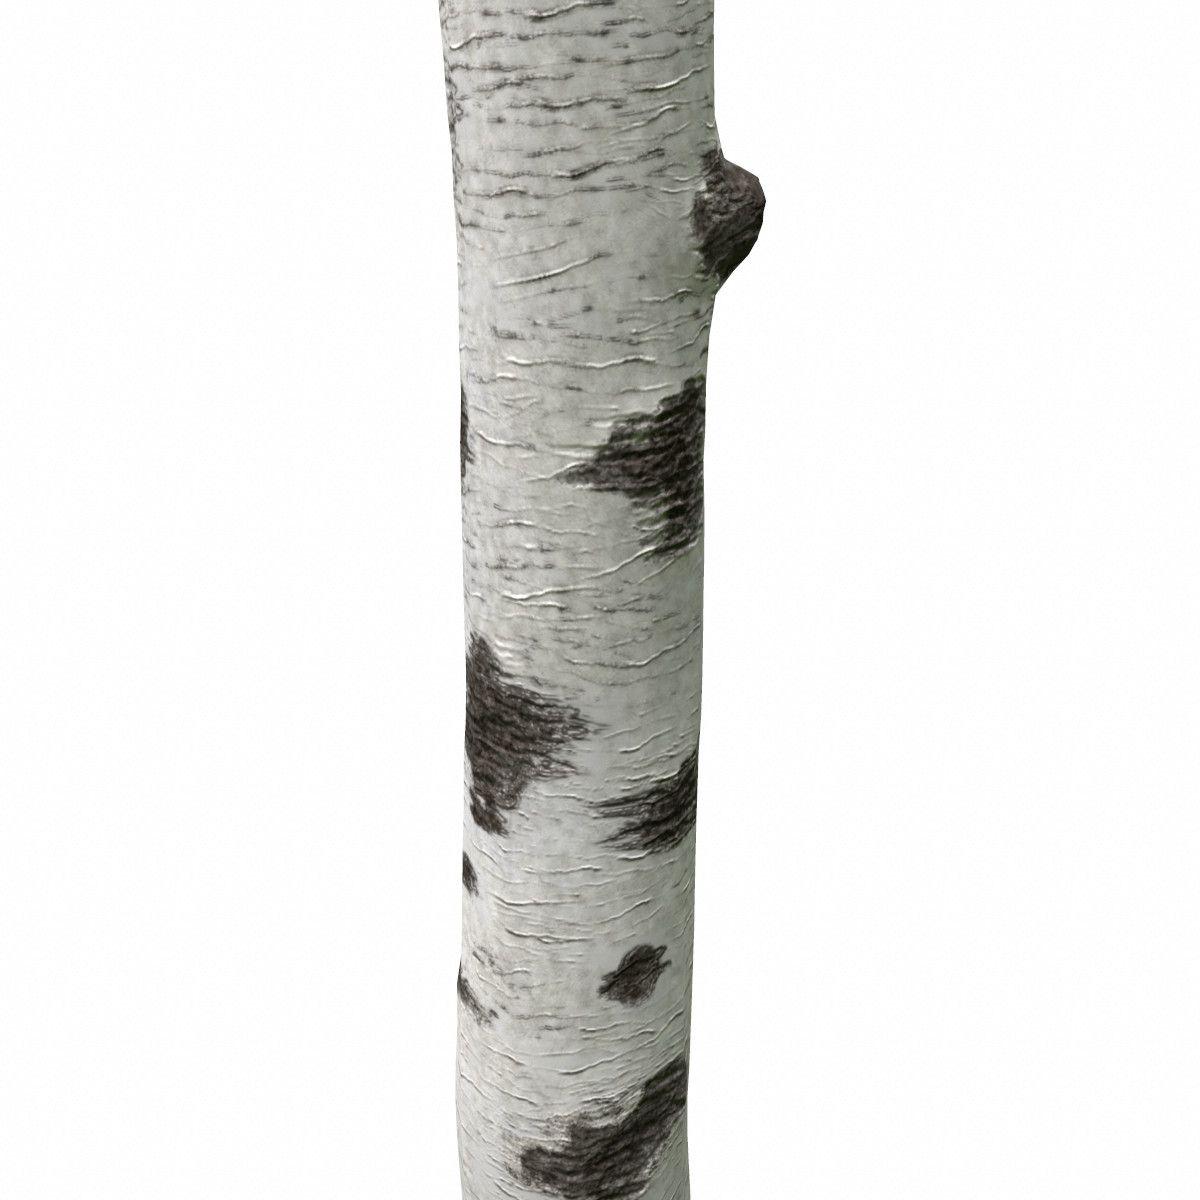 Birch Tree Trunk 3D Obj - 3D Model